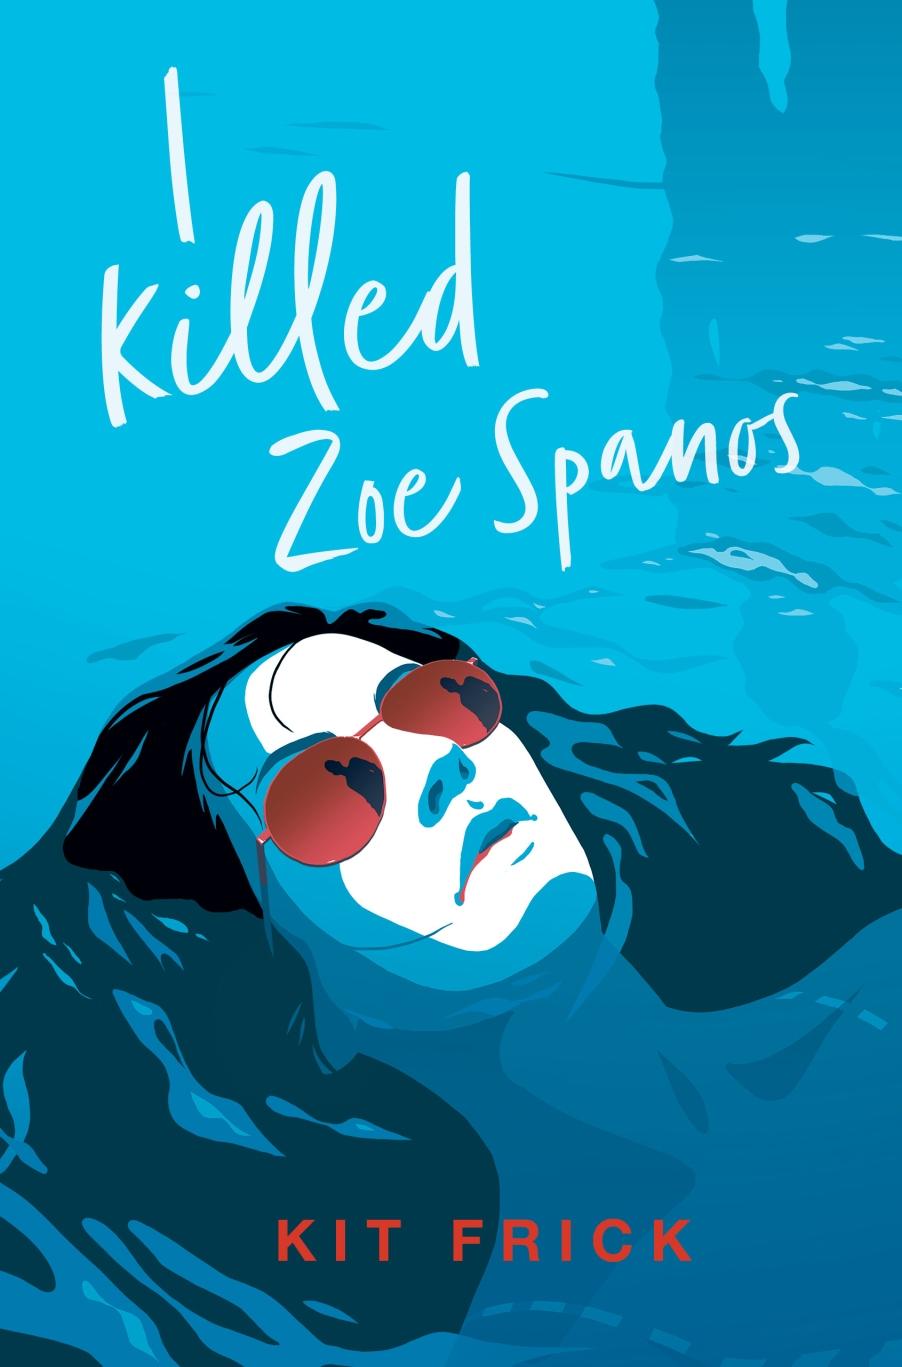 I-KILLED-ZOE-SPANOS_cvr.jpg